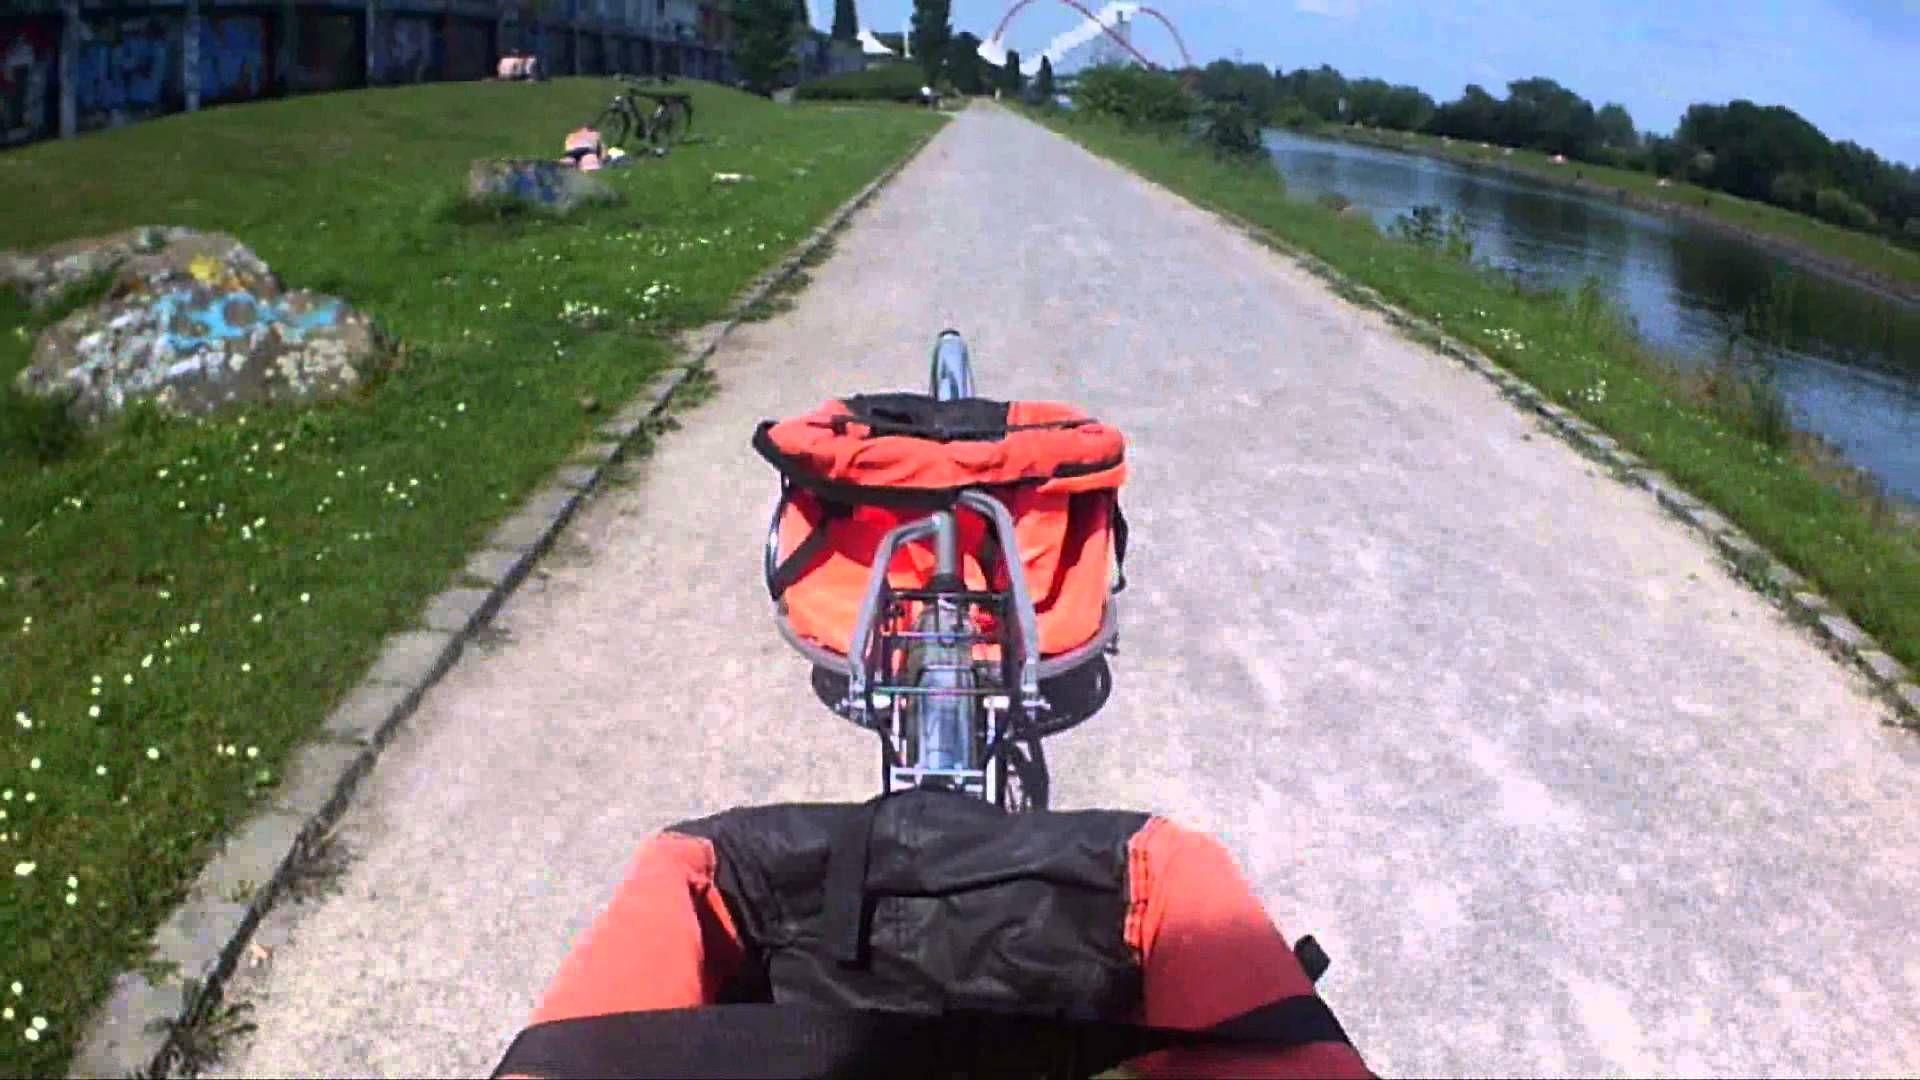 Long Vehicle Fahrrad mit zwei Anhängern Null Problemo